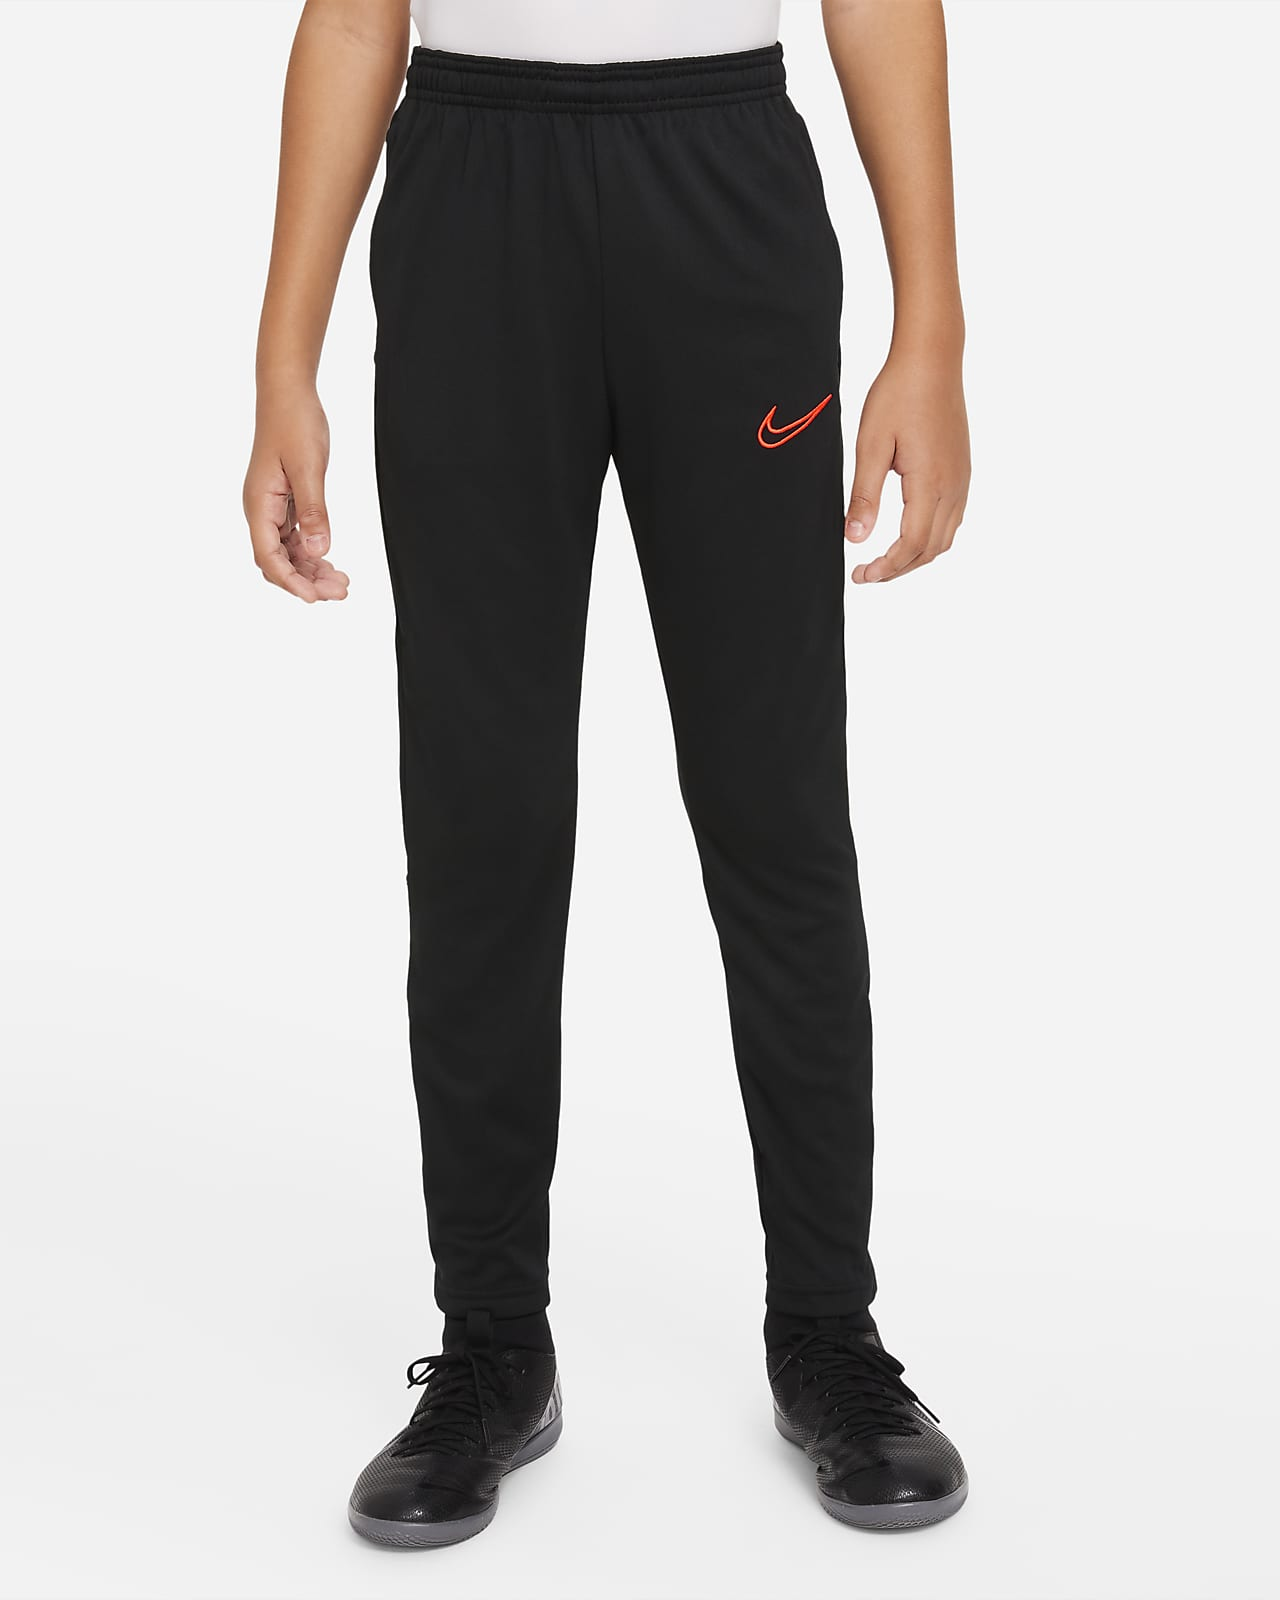 Pants de fútbol tejidos para niños talla grande Nike Dri-FIT Academy